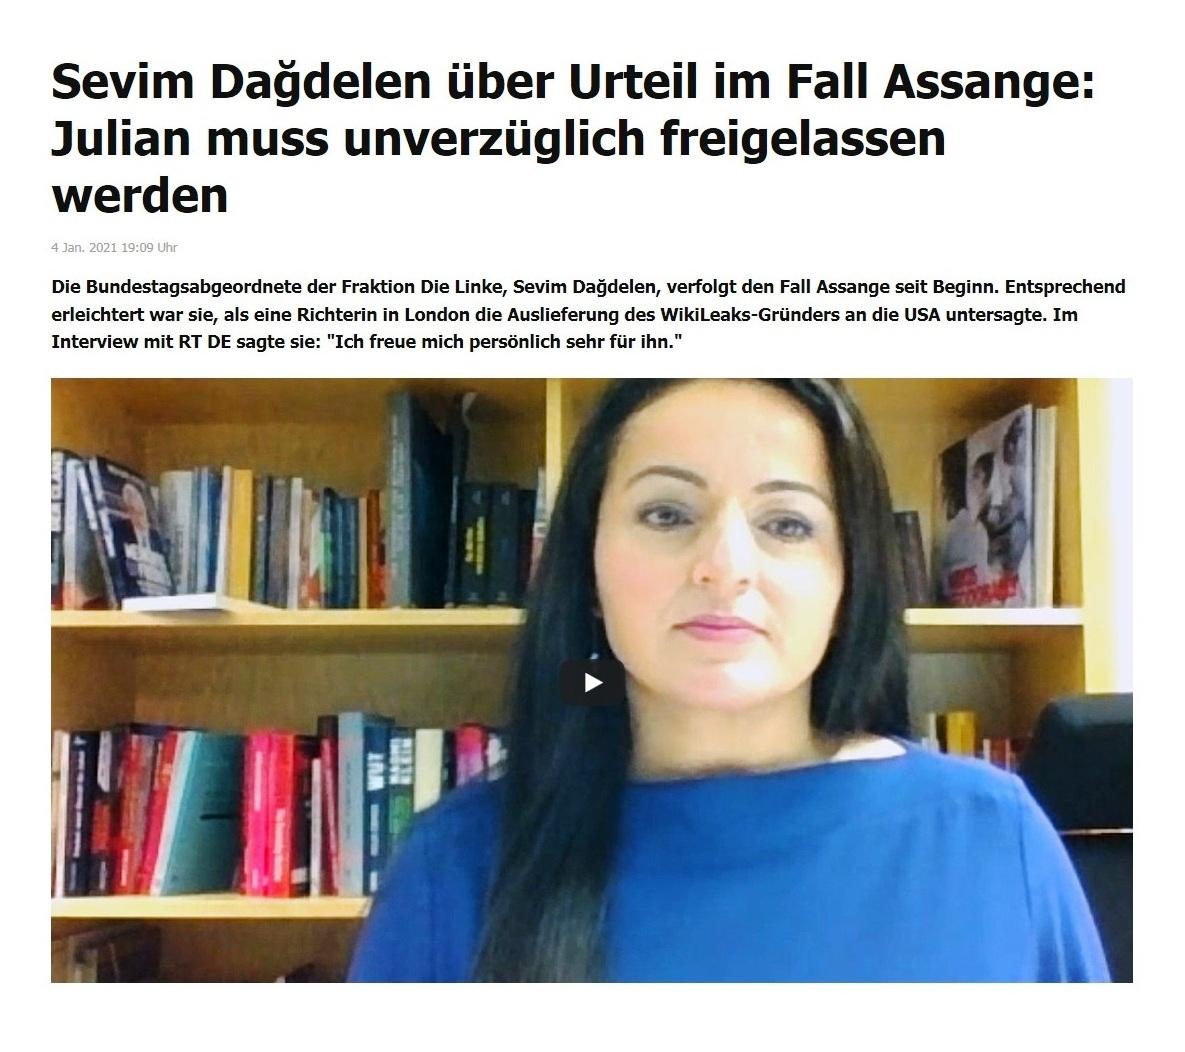 Sevim Dağdelen über Urteil im Fall Assange: Julian muss unverzüglich freigelassen werden - RT DE - 4 Jan. 2021 19:09 Uhr